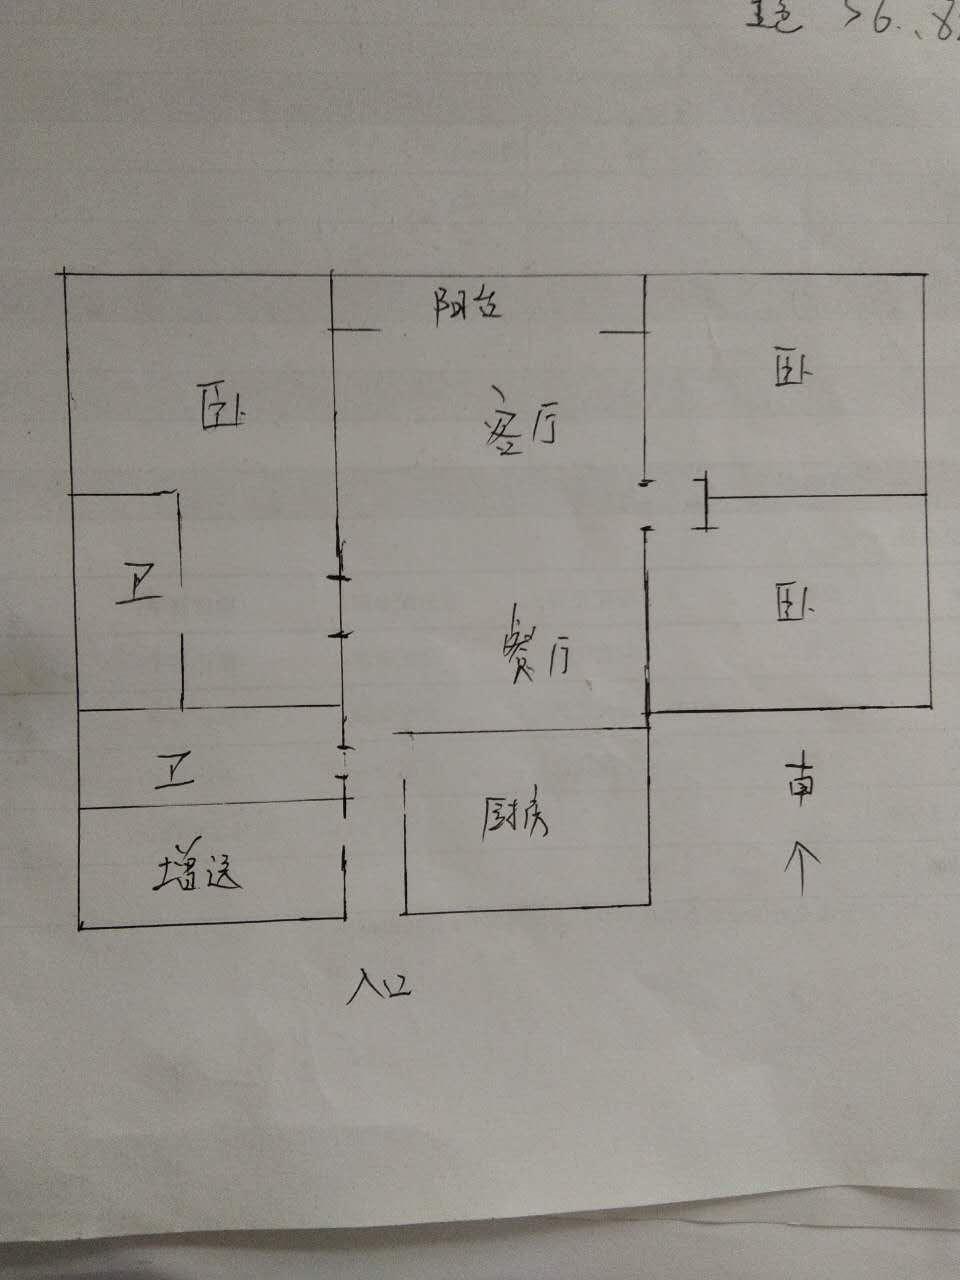 康博公馆 4室2厅 5楼